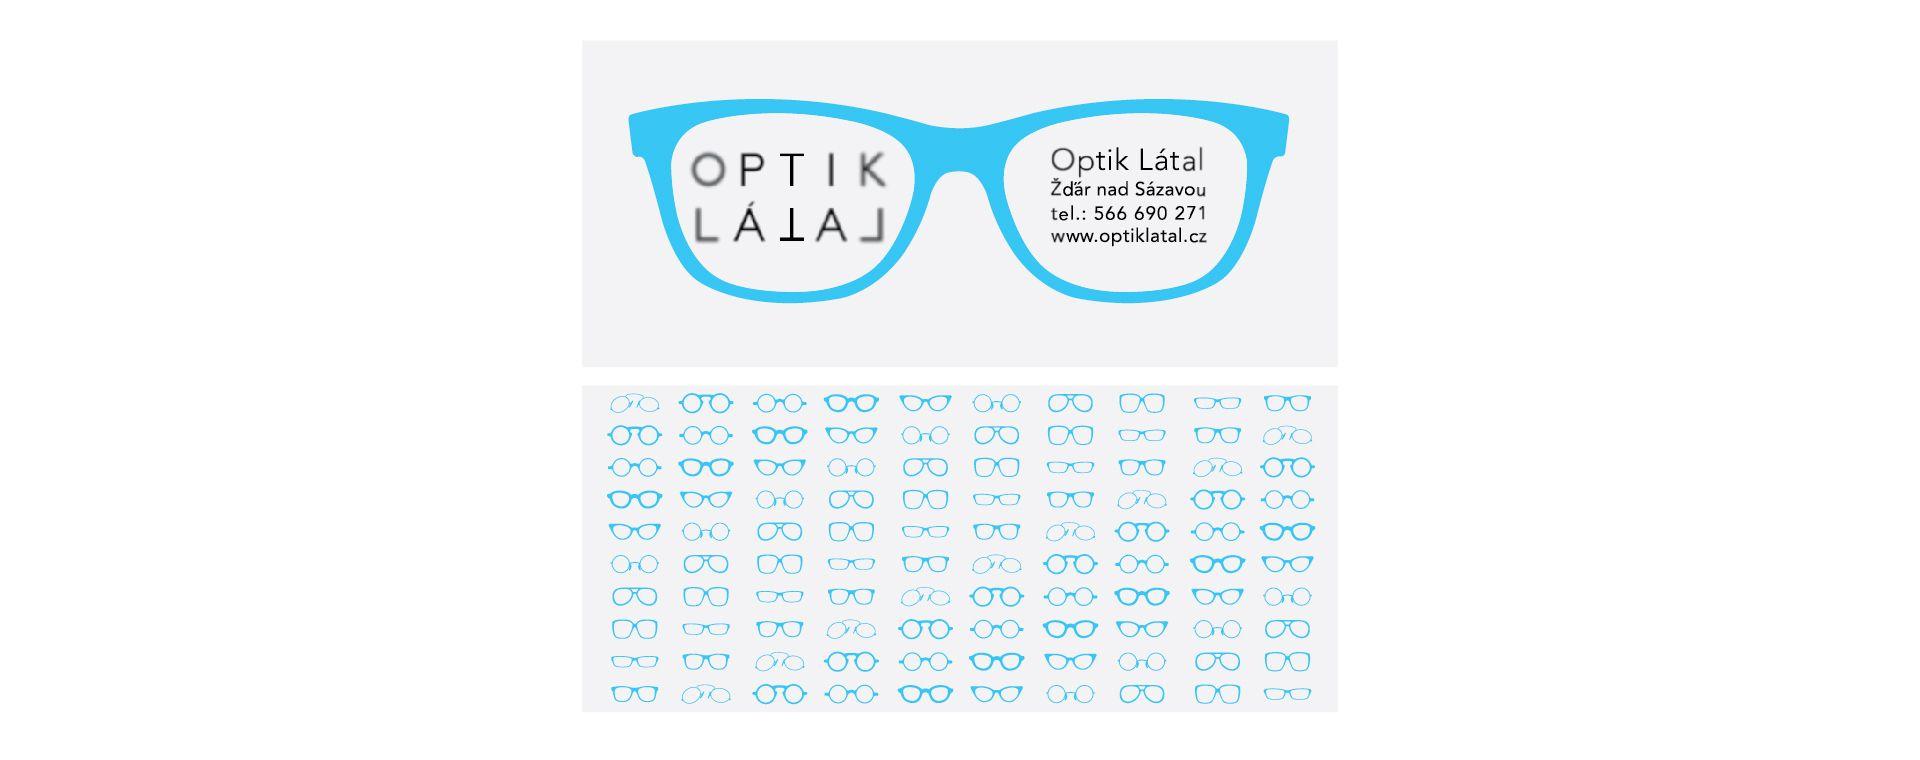 Graphic design of glasses case for Optik Látal